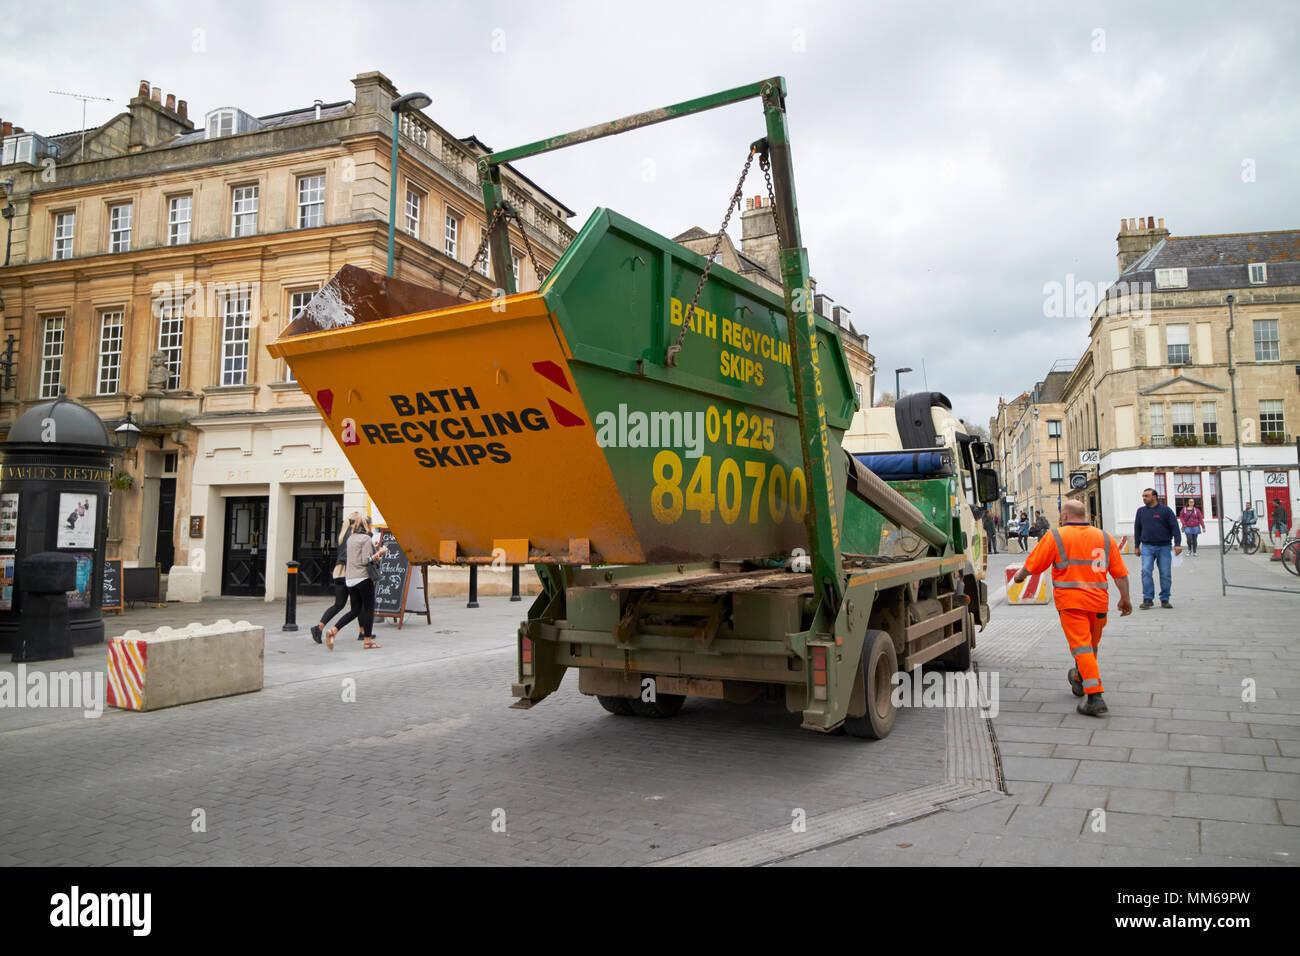 Reciclaje saltar entregado por camión en el centro de la ciudad de Bath, Inglaterra Imagen De Stock